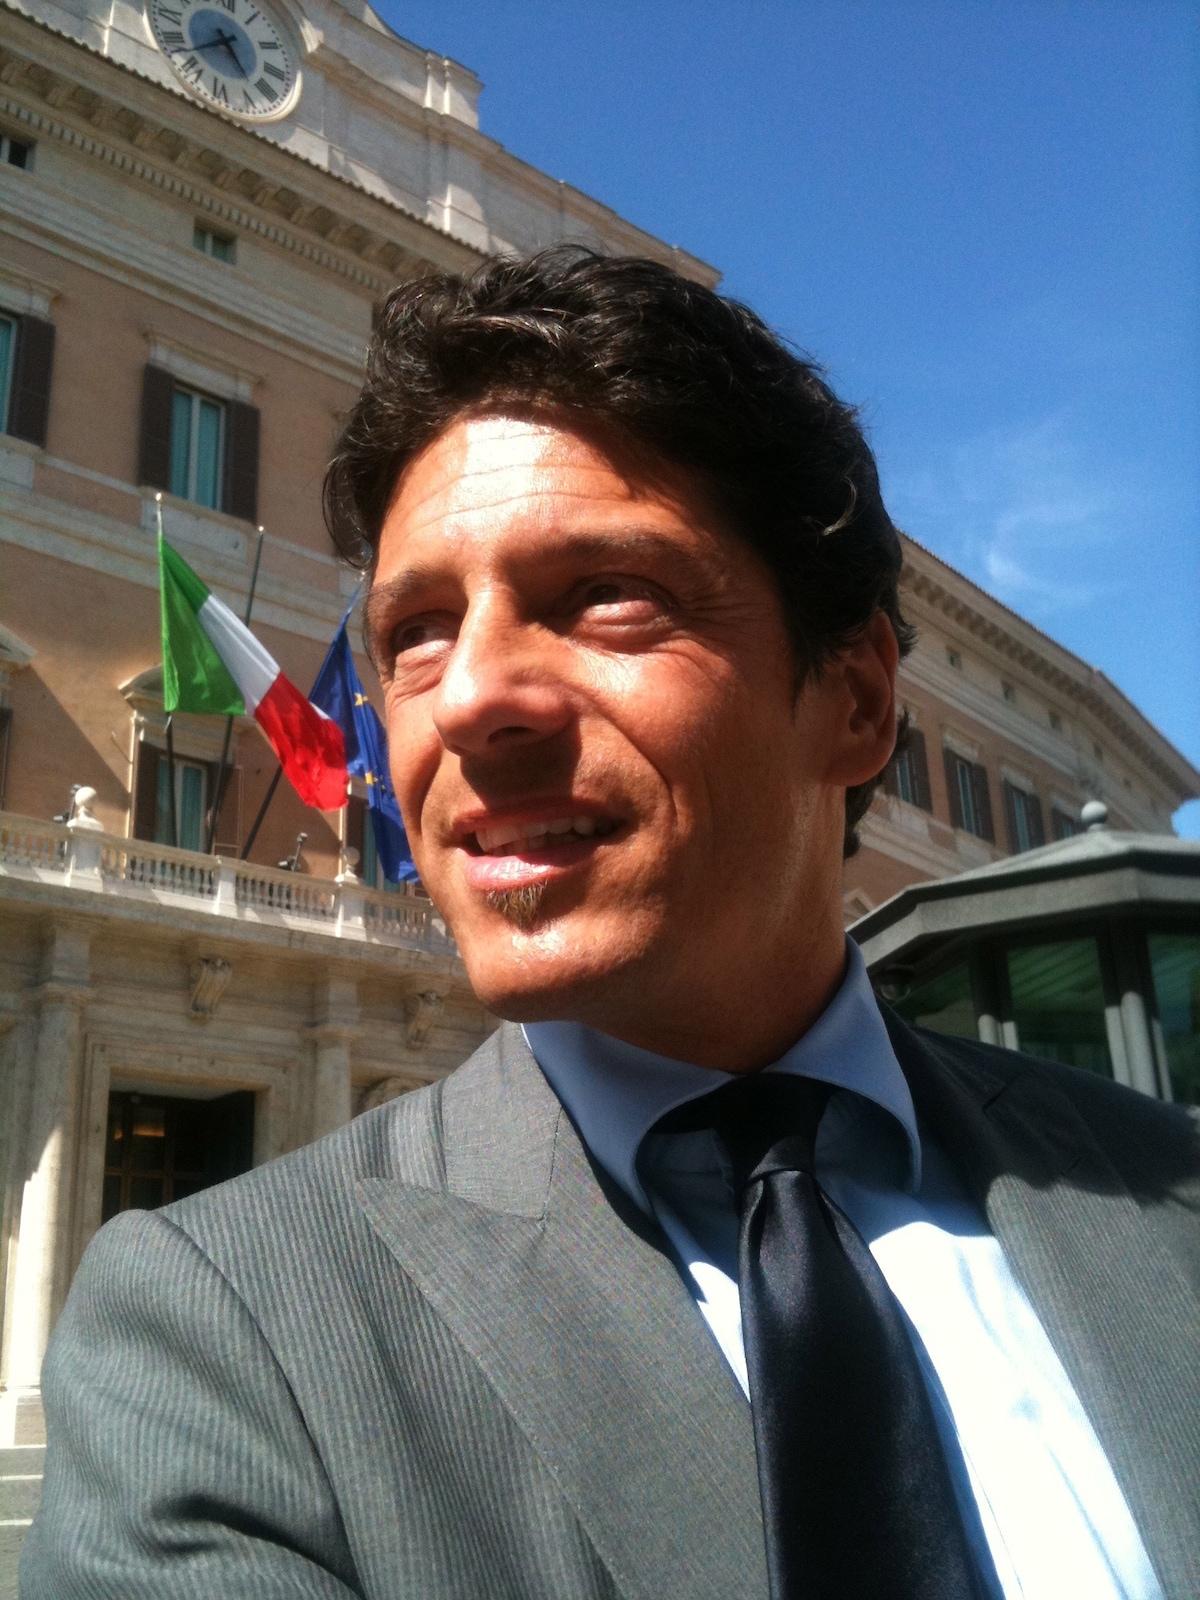 Massimiliano From San Felice Circeo, Italy